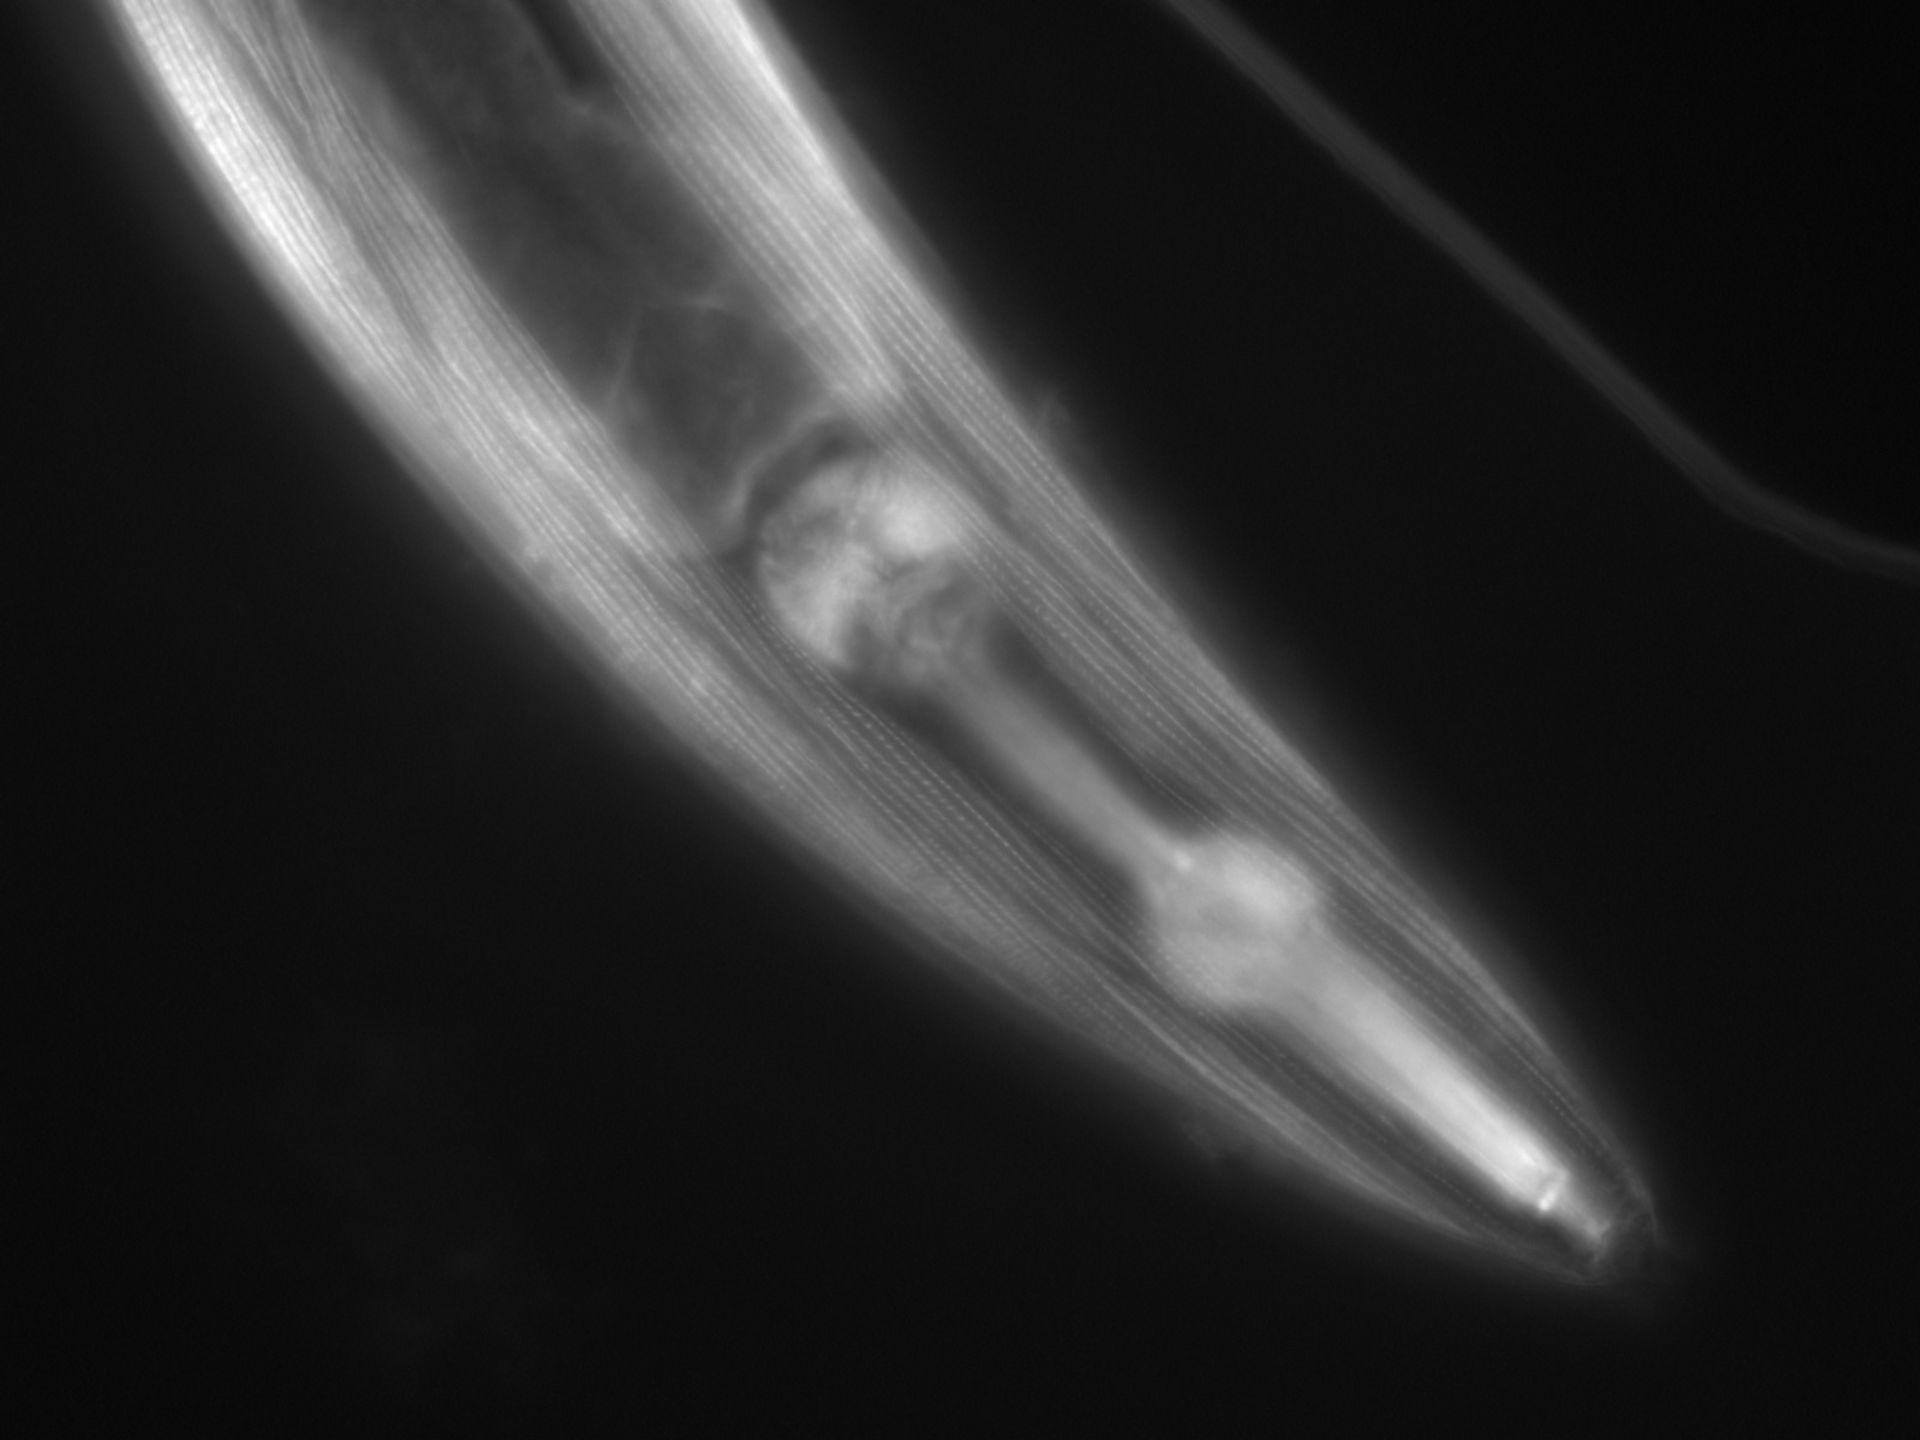 Caenorhabditis elegans (Actin filament) - CIL:1065